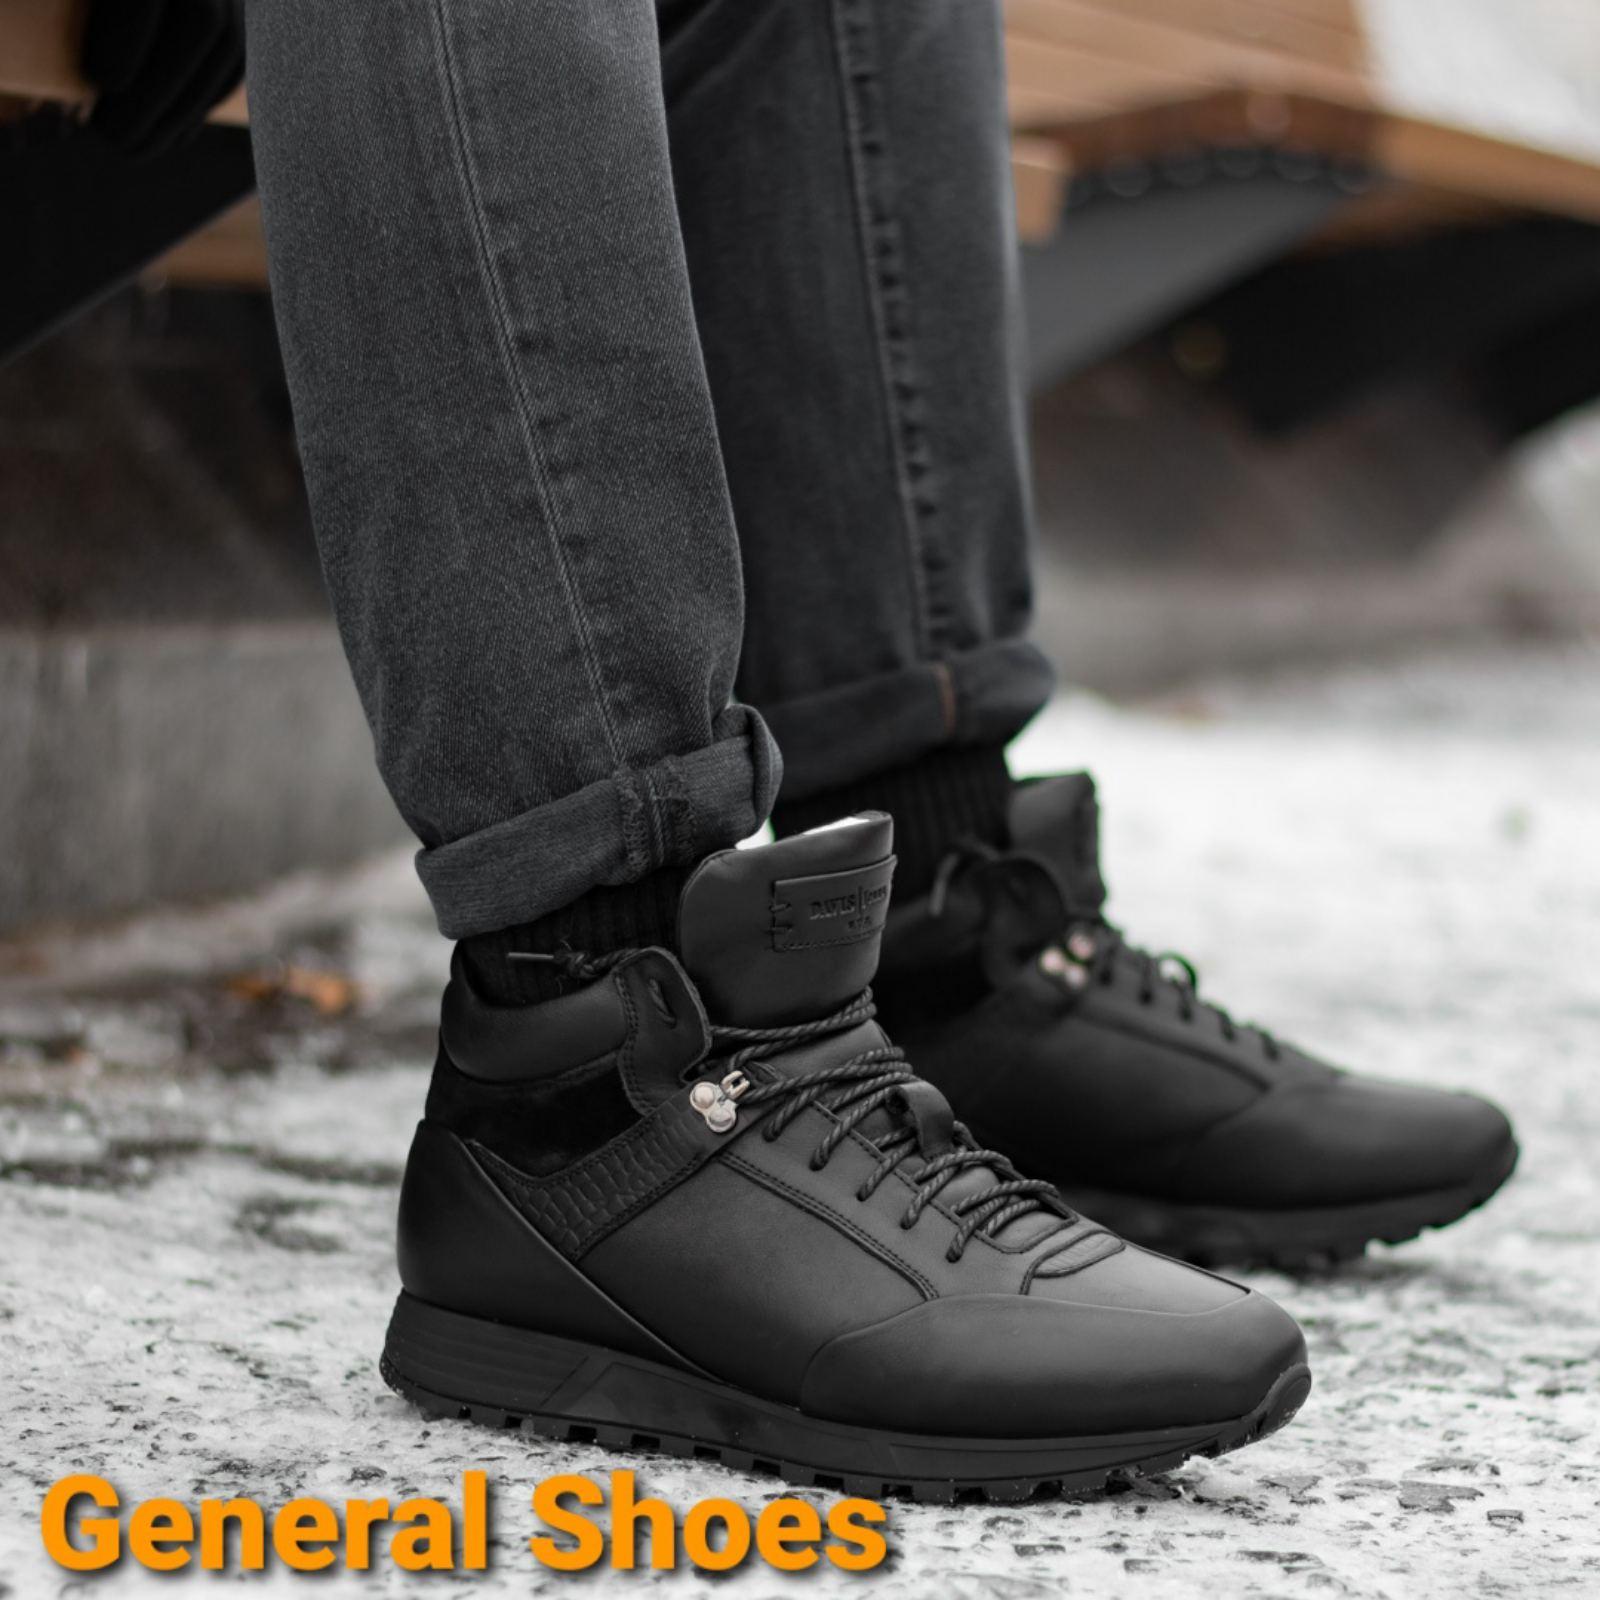 Мужские кожаные ботинки Davis 1881-5 натуральный мех